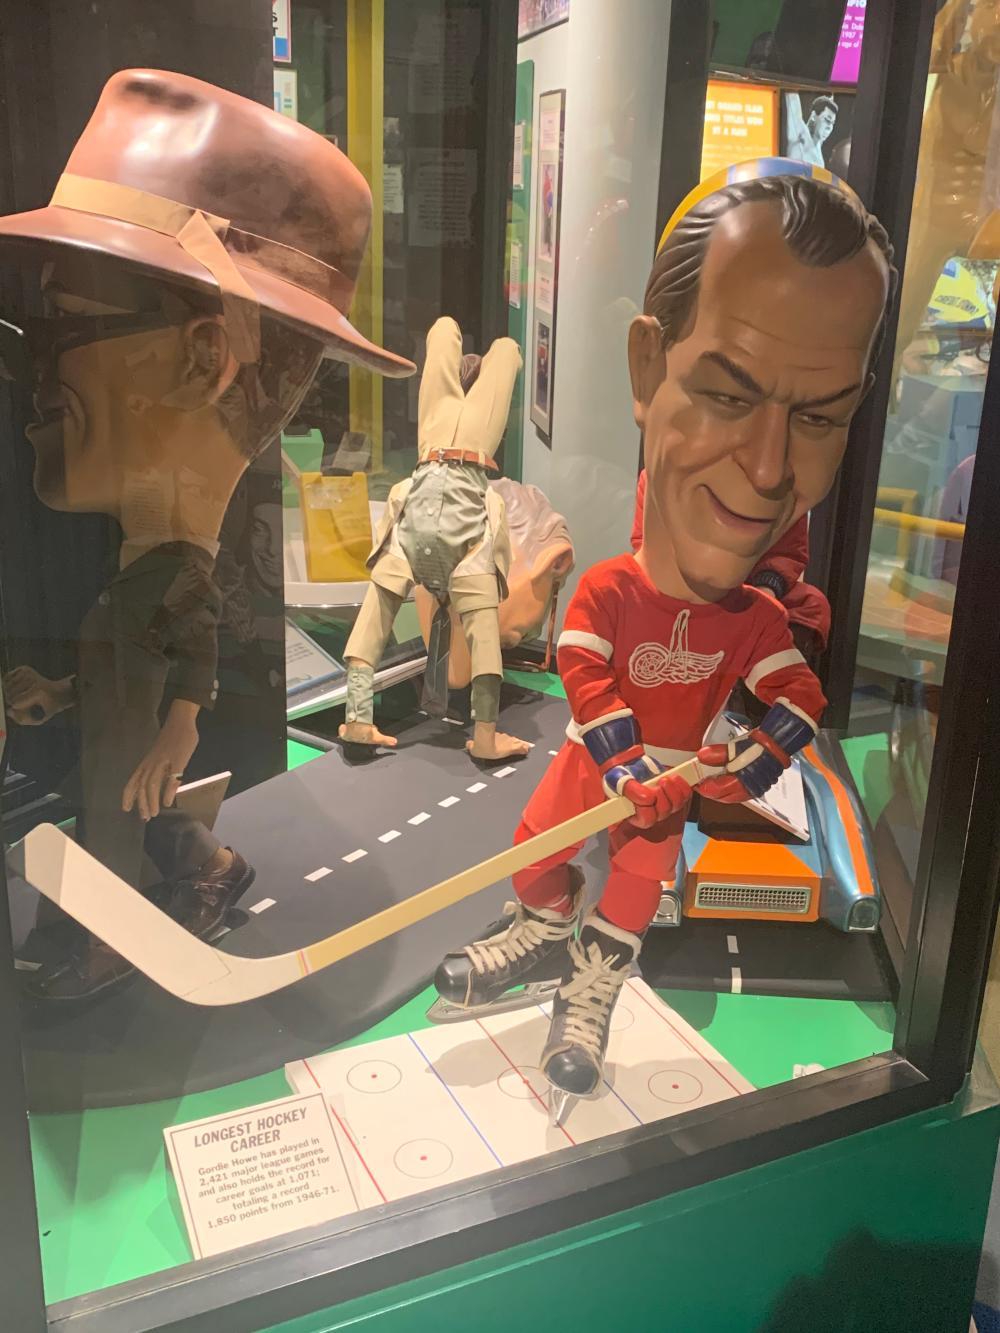 Gordie Howe Caricature Guinness Museum Display Figure